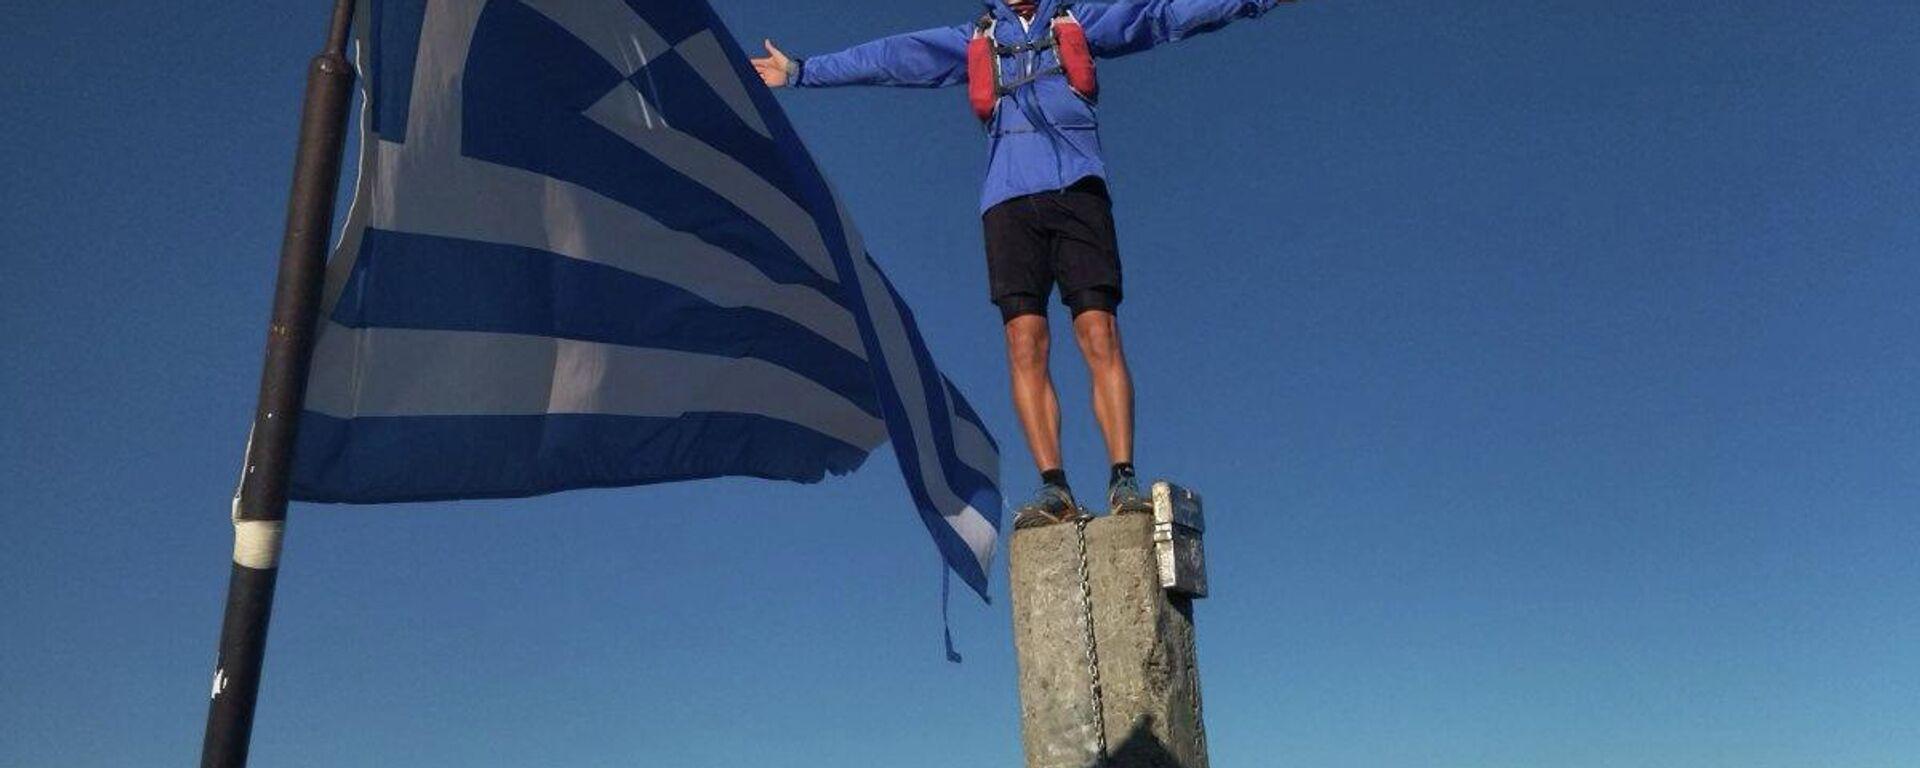 Στην κορυφή του Ολύμπου στον Μύτικα σε υψόμετρο 2.918 μέτρα ο Κώστας Πολύζος - Sputnik Ελλάδα, 1920, 28.09.2021